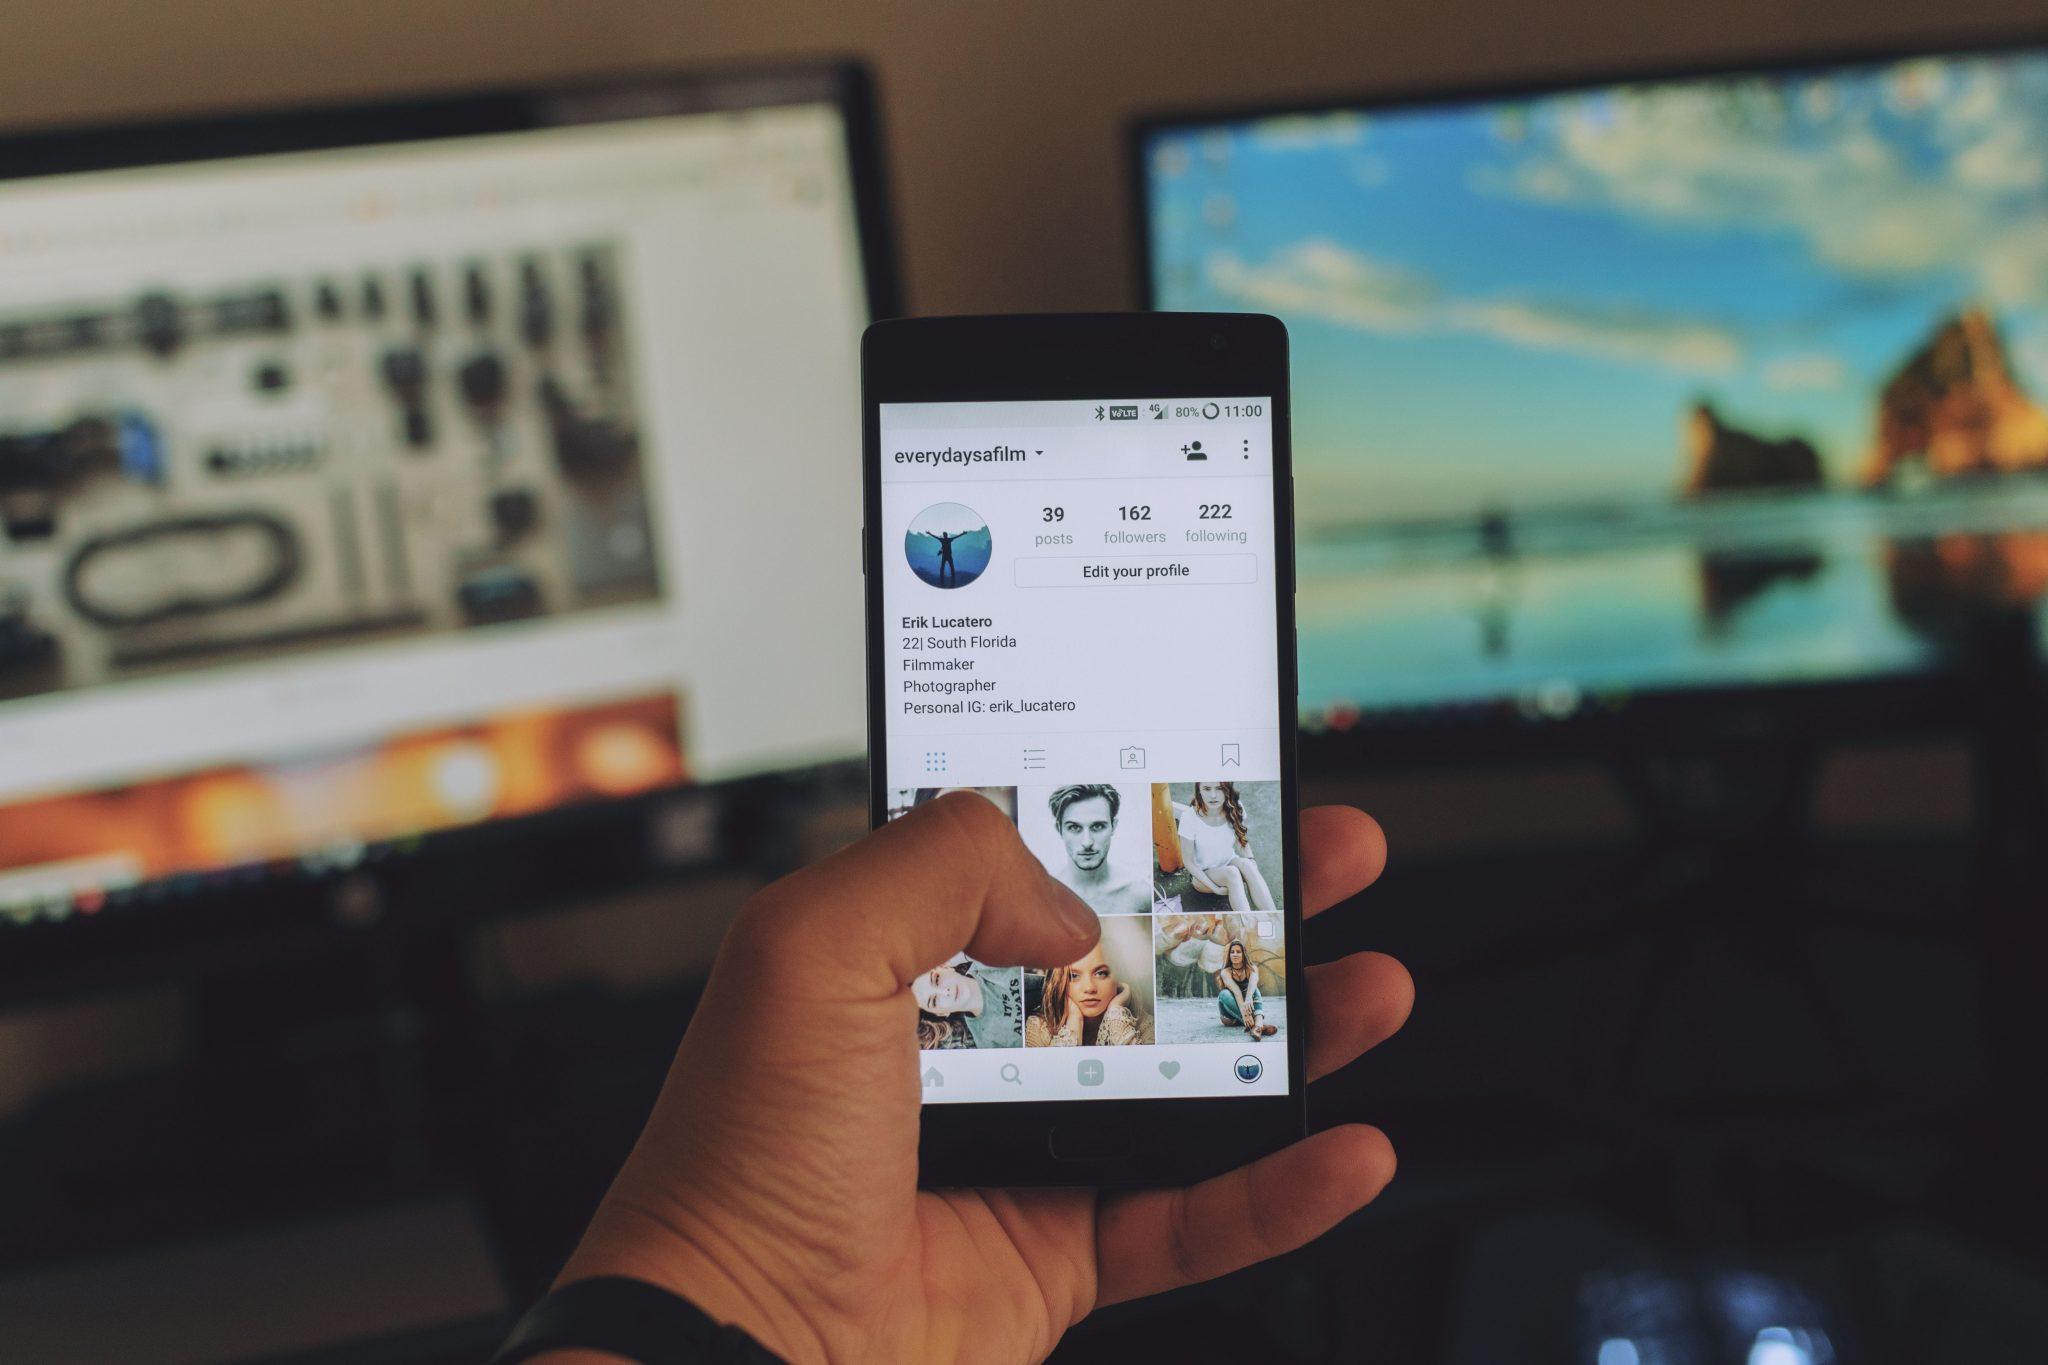 Social media dla biznesu, czyli jak się wybić poprzez portale?